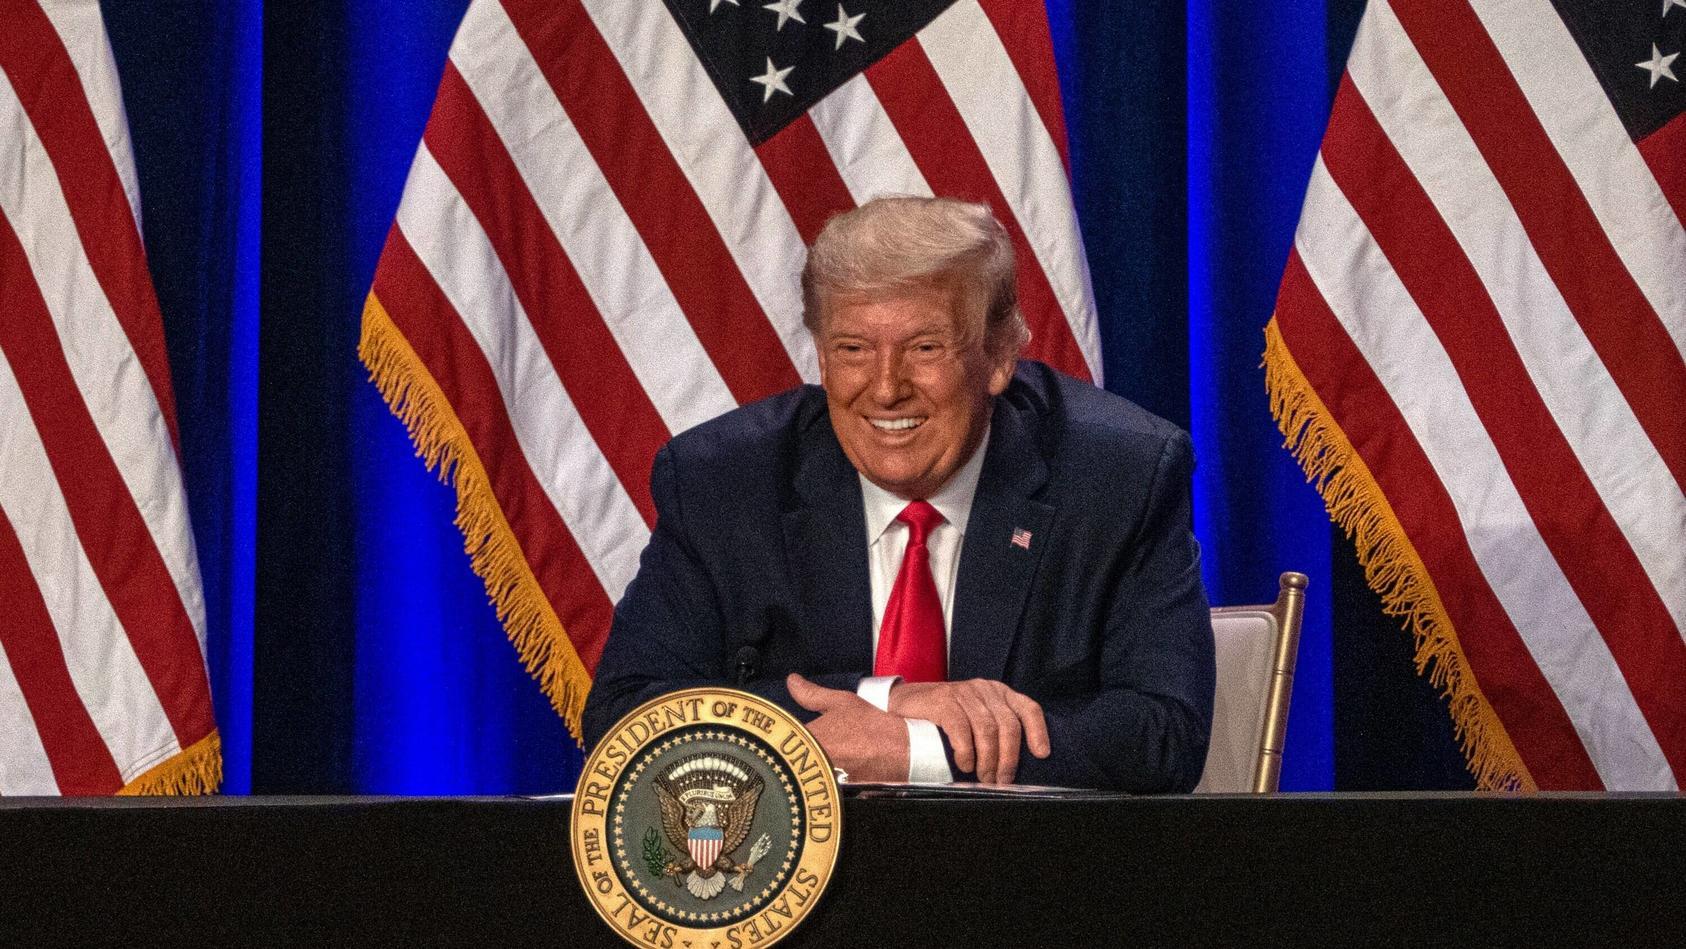 Um Ex-Präsident Donald Trump ist es ruhig geworden. Die Republikaner tagen derweil ohne ihn.